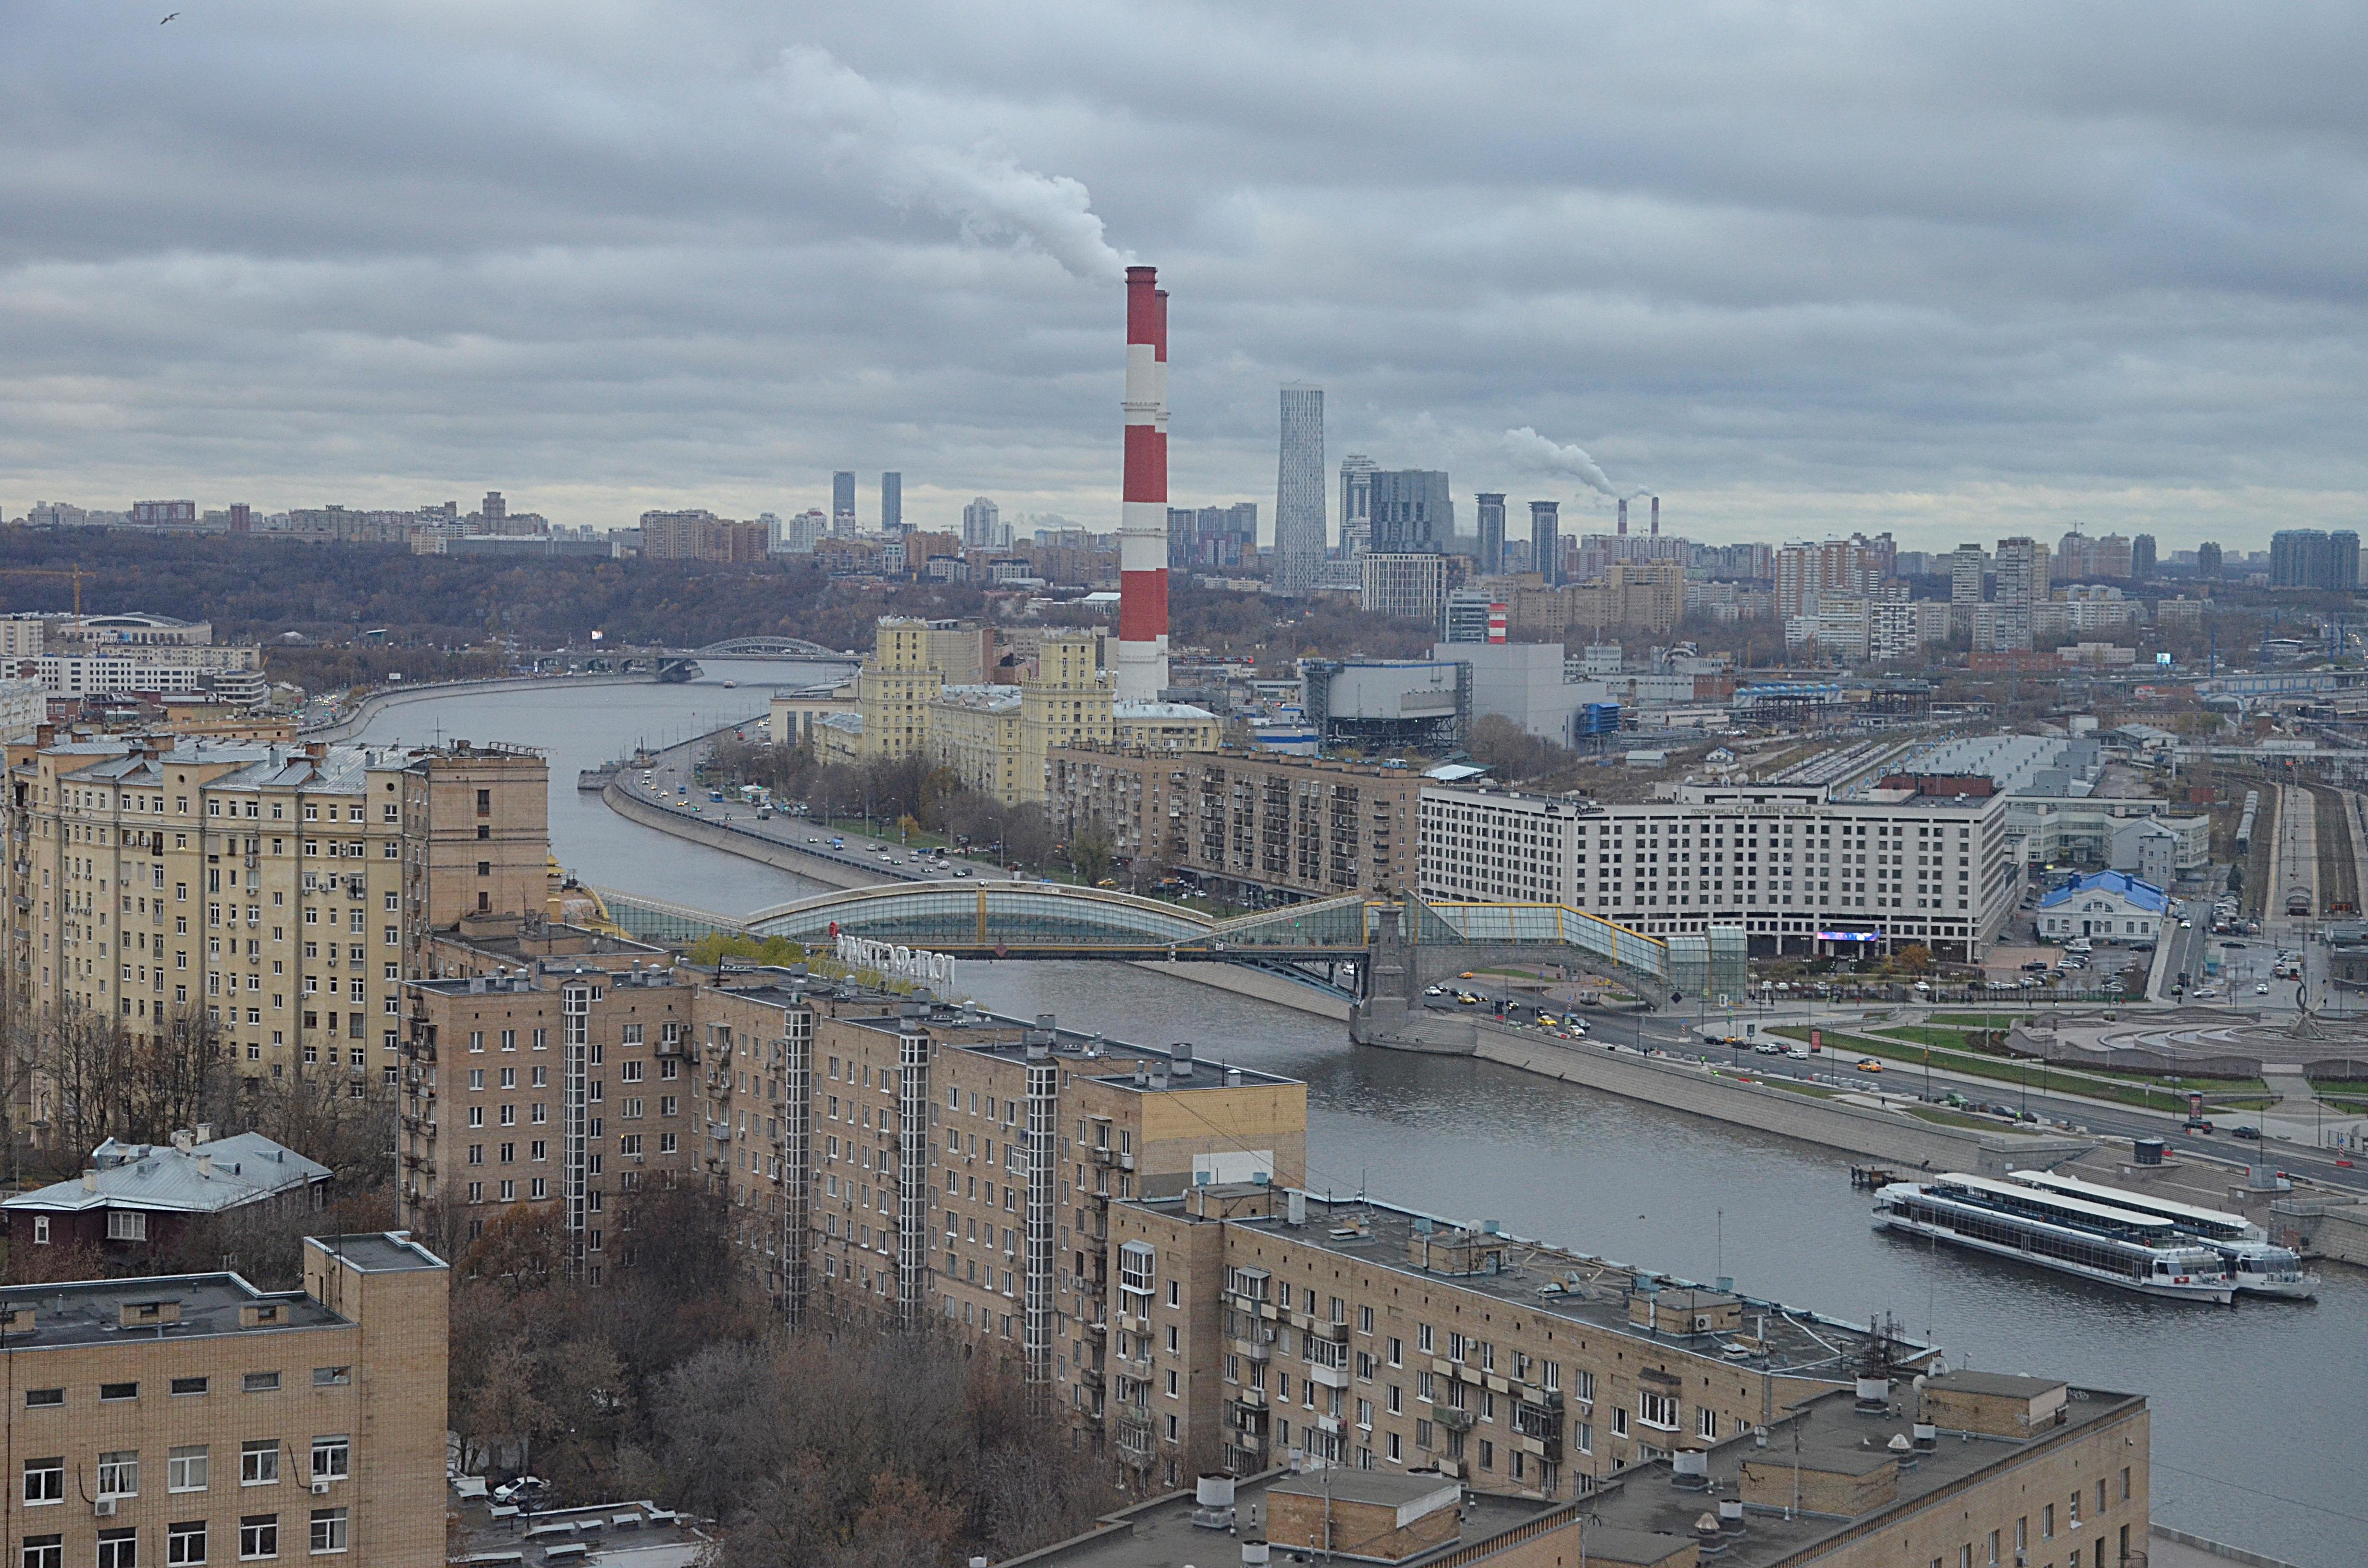 Бюджет Москвы на 2021 год предусматривает бесплатную вакцинацию от COVID-19. Фото: Анна Быкова